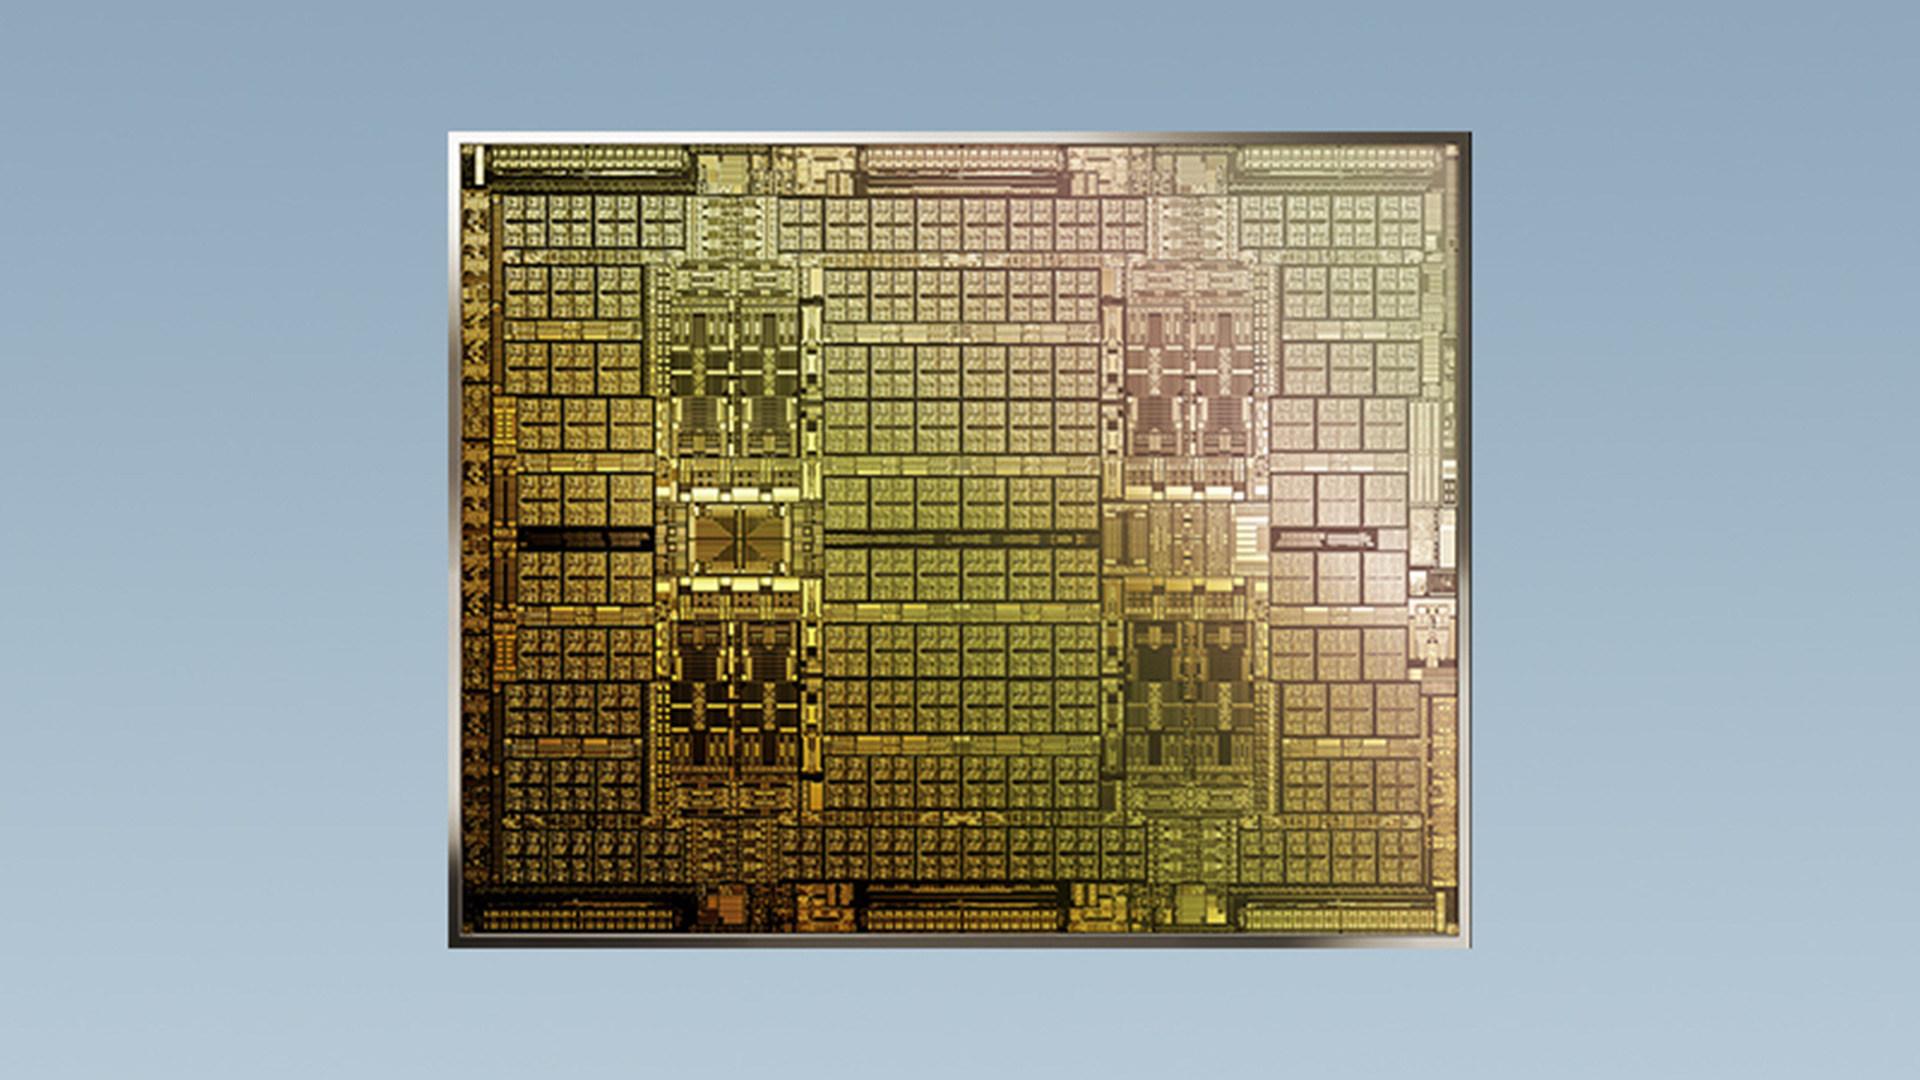 Nvidia, Gpu, Geforce, Kryptowährung, Mining, Grafikprozessor, Ethereum, virtuelle Währung, CMP, Cryptocurrency Mining Company, HX30, HX40, HX50, HX90, Nvidia GeForce CMP